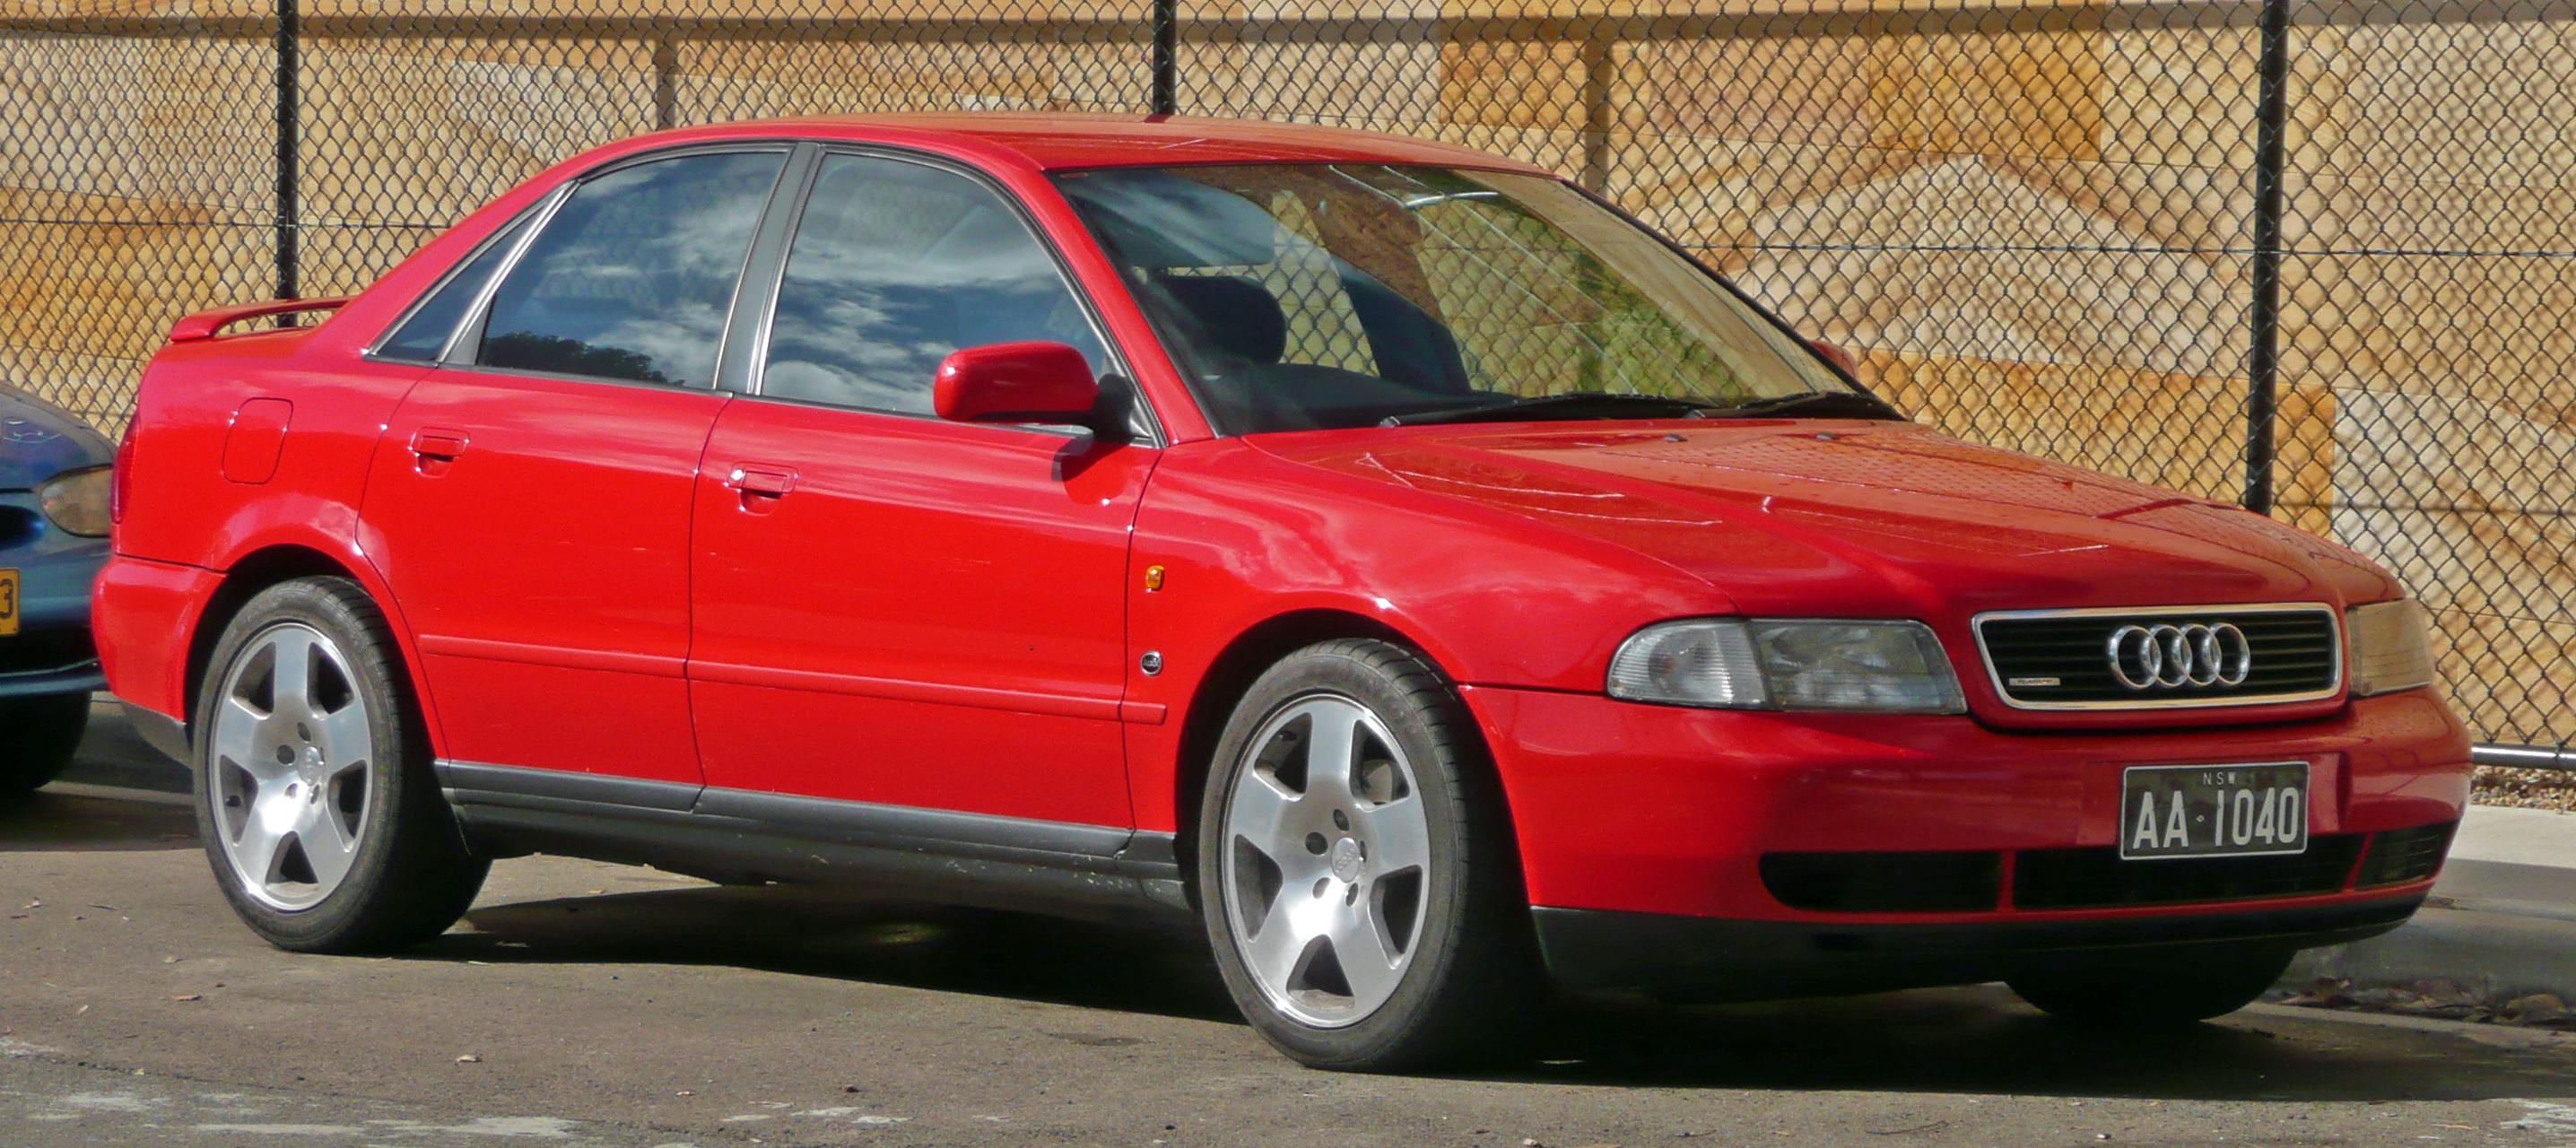 1996 Audi A4 #3 Audi A4 #3